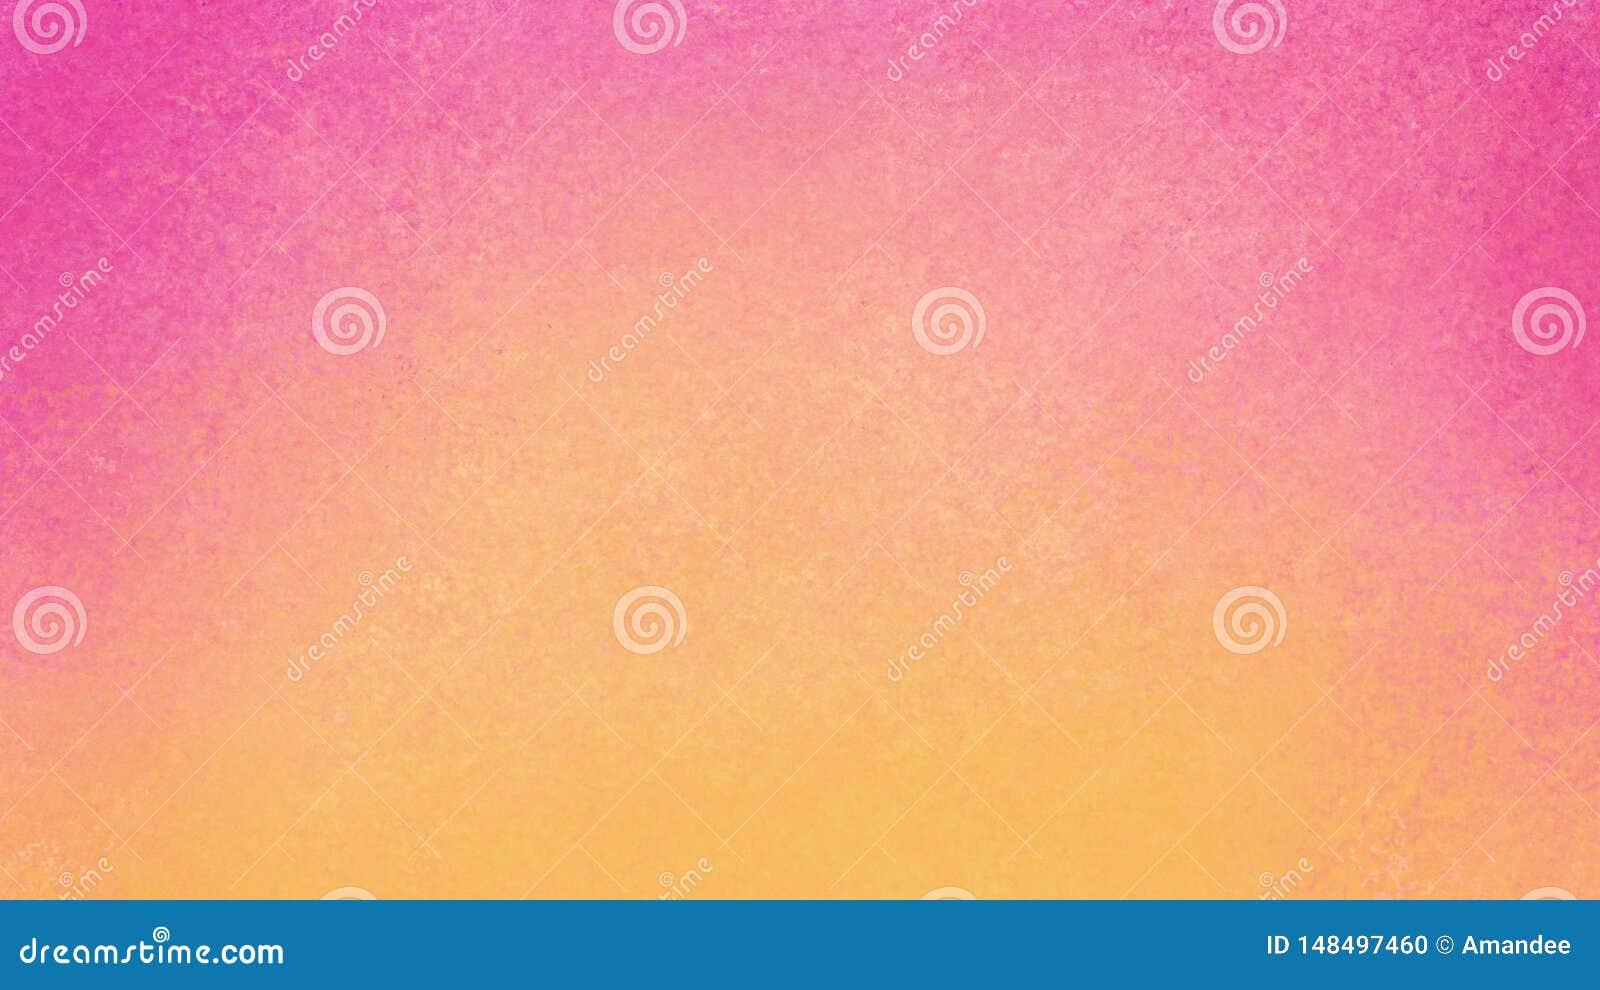 Rosa y fondo amarillo con vieja textura del vintage en diseño abstracto colorido